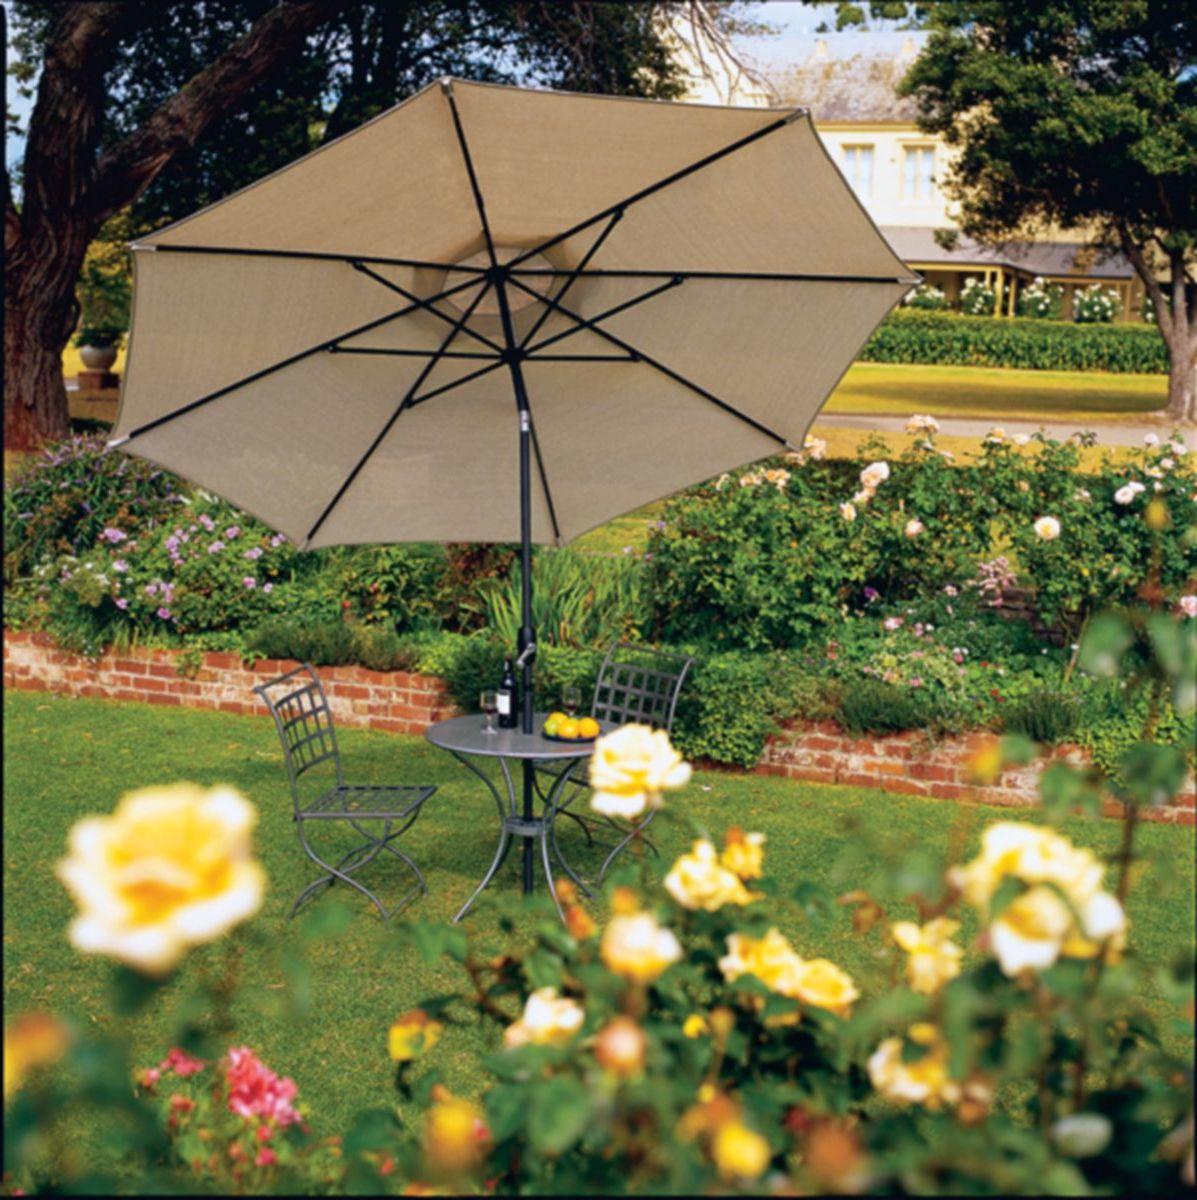 Coolaroo 11-Ft. Market Umbrella